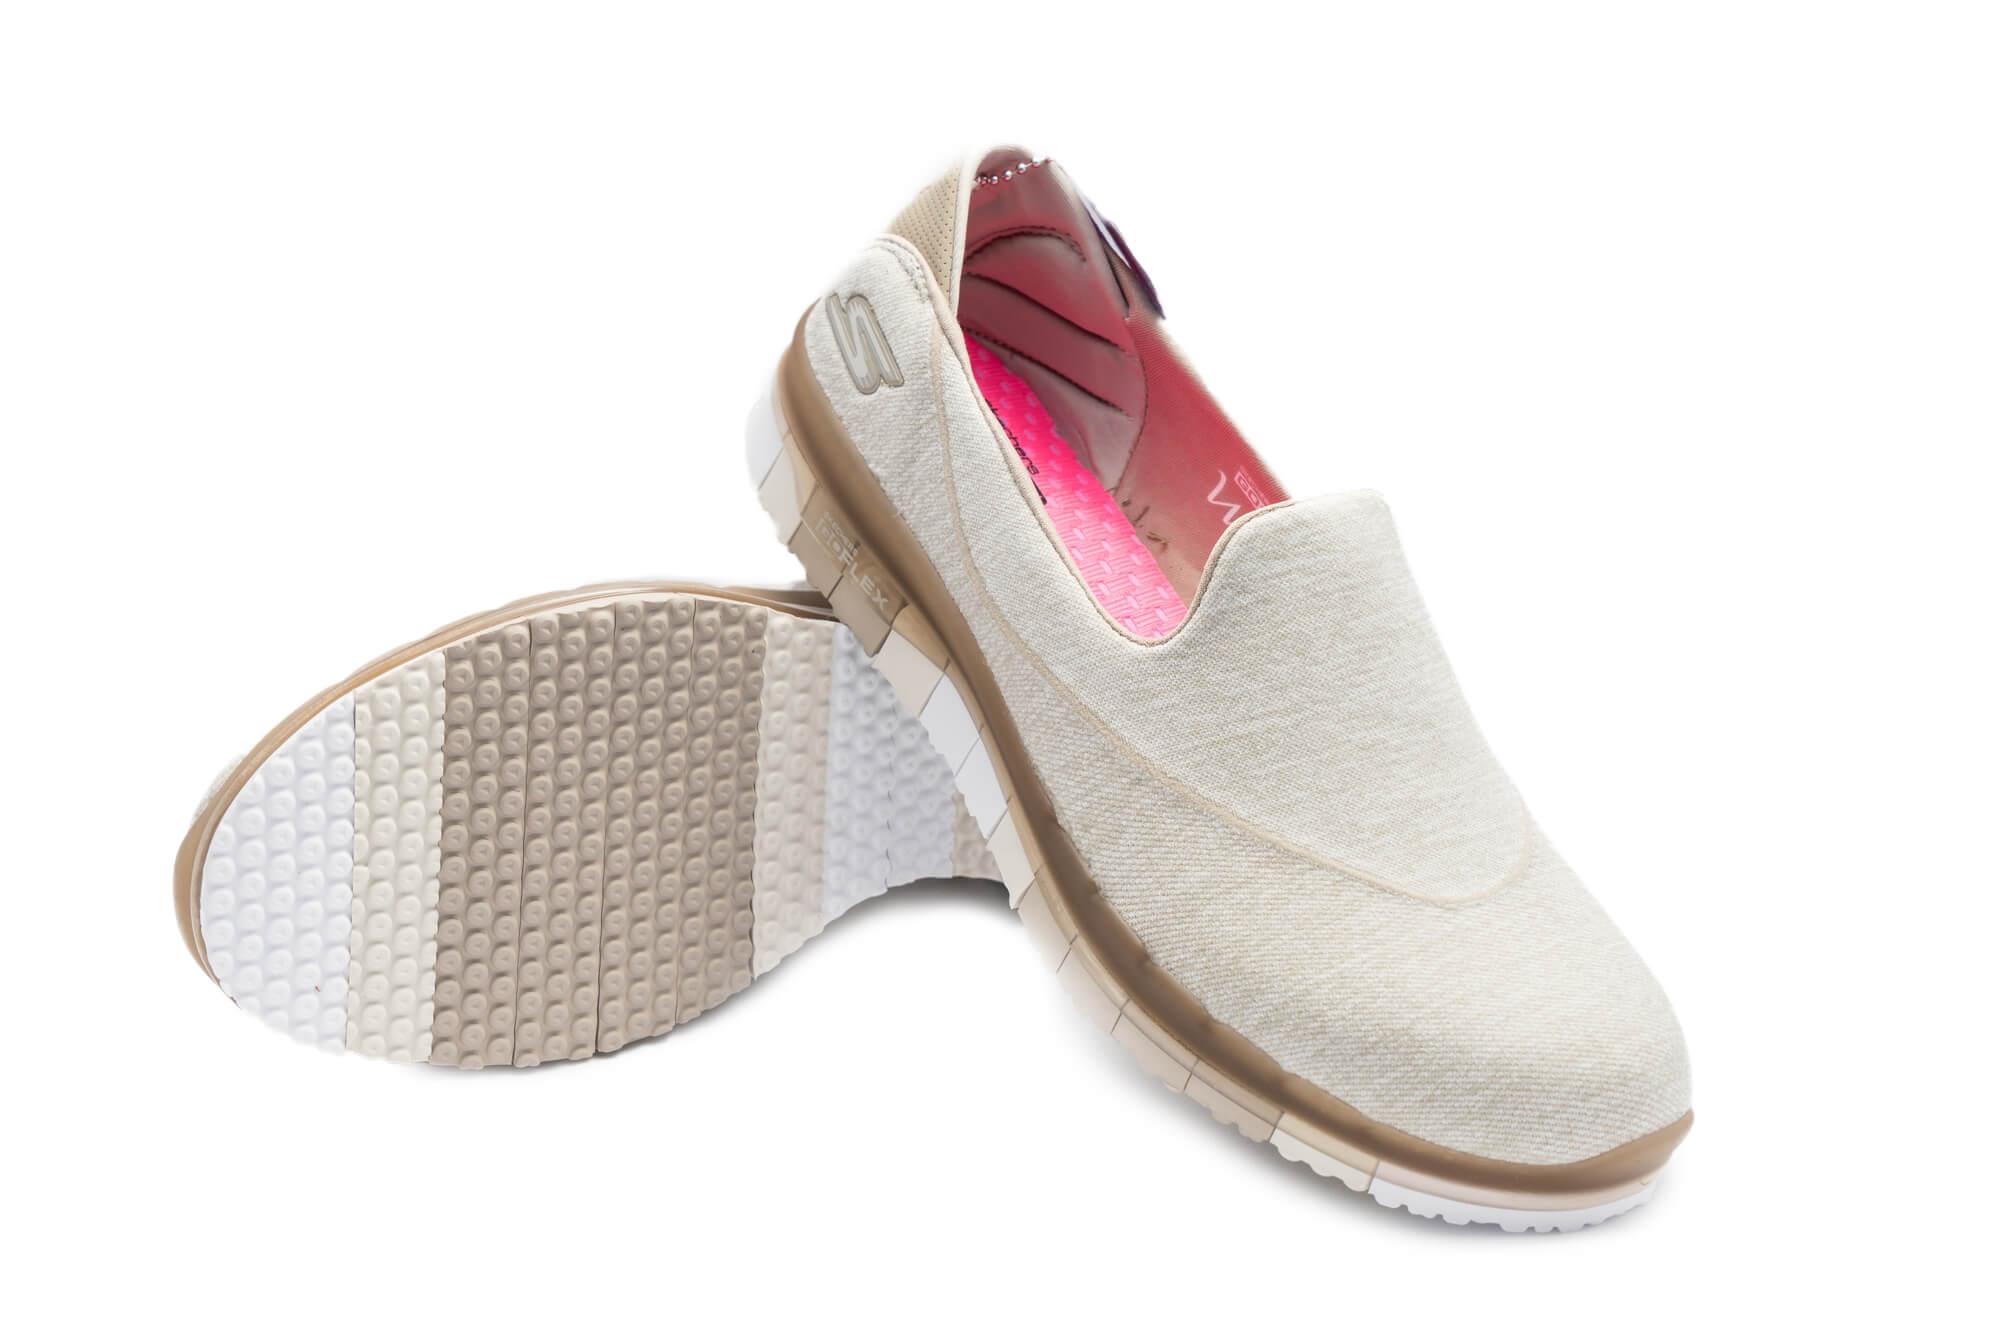 skechers shoes cape town